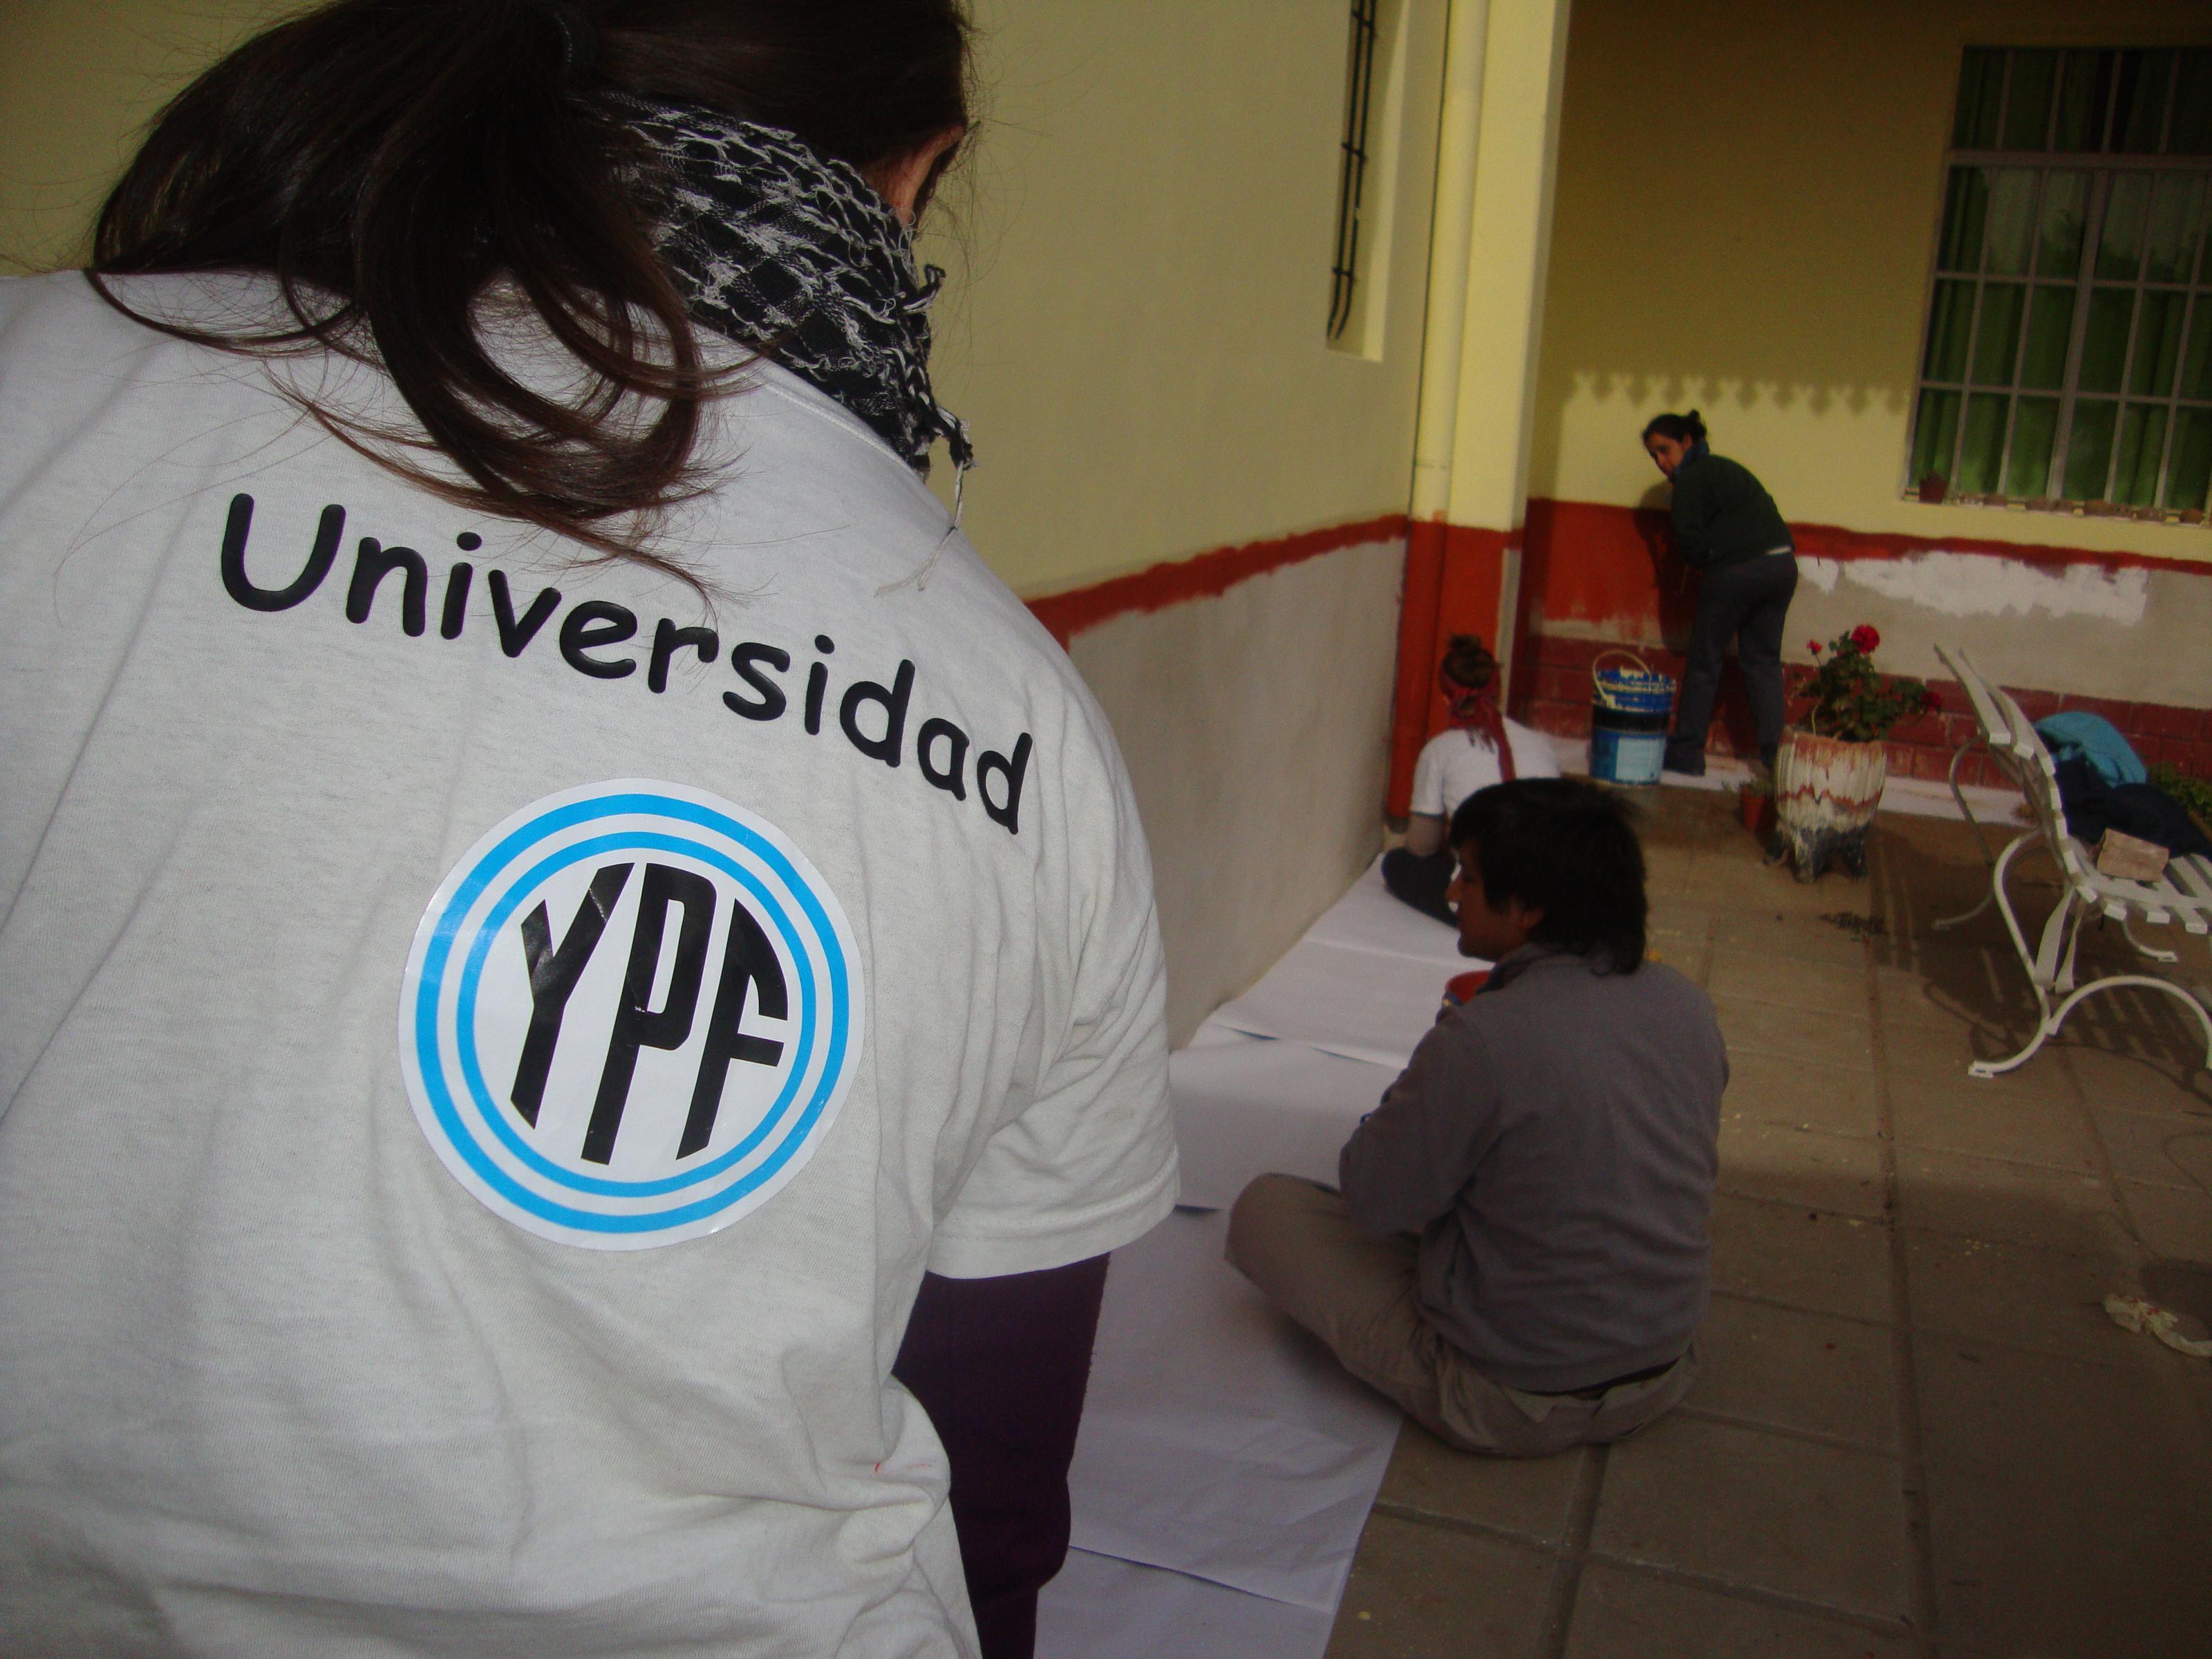 Entre Rios solidario